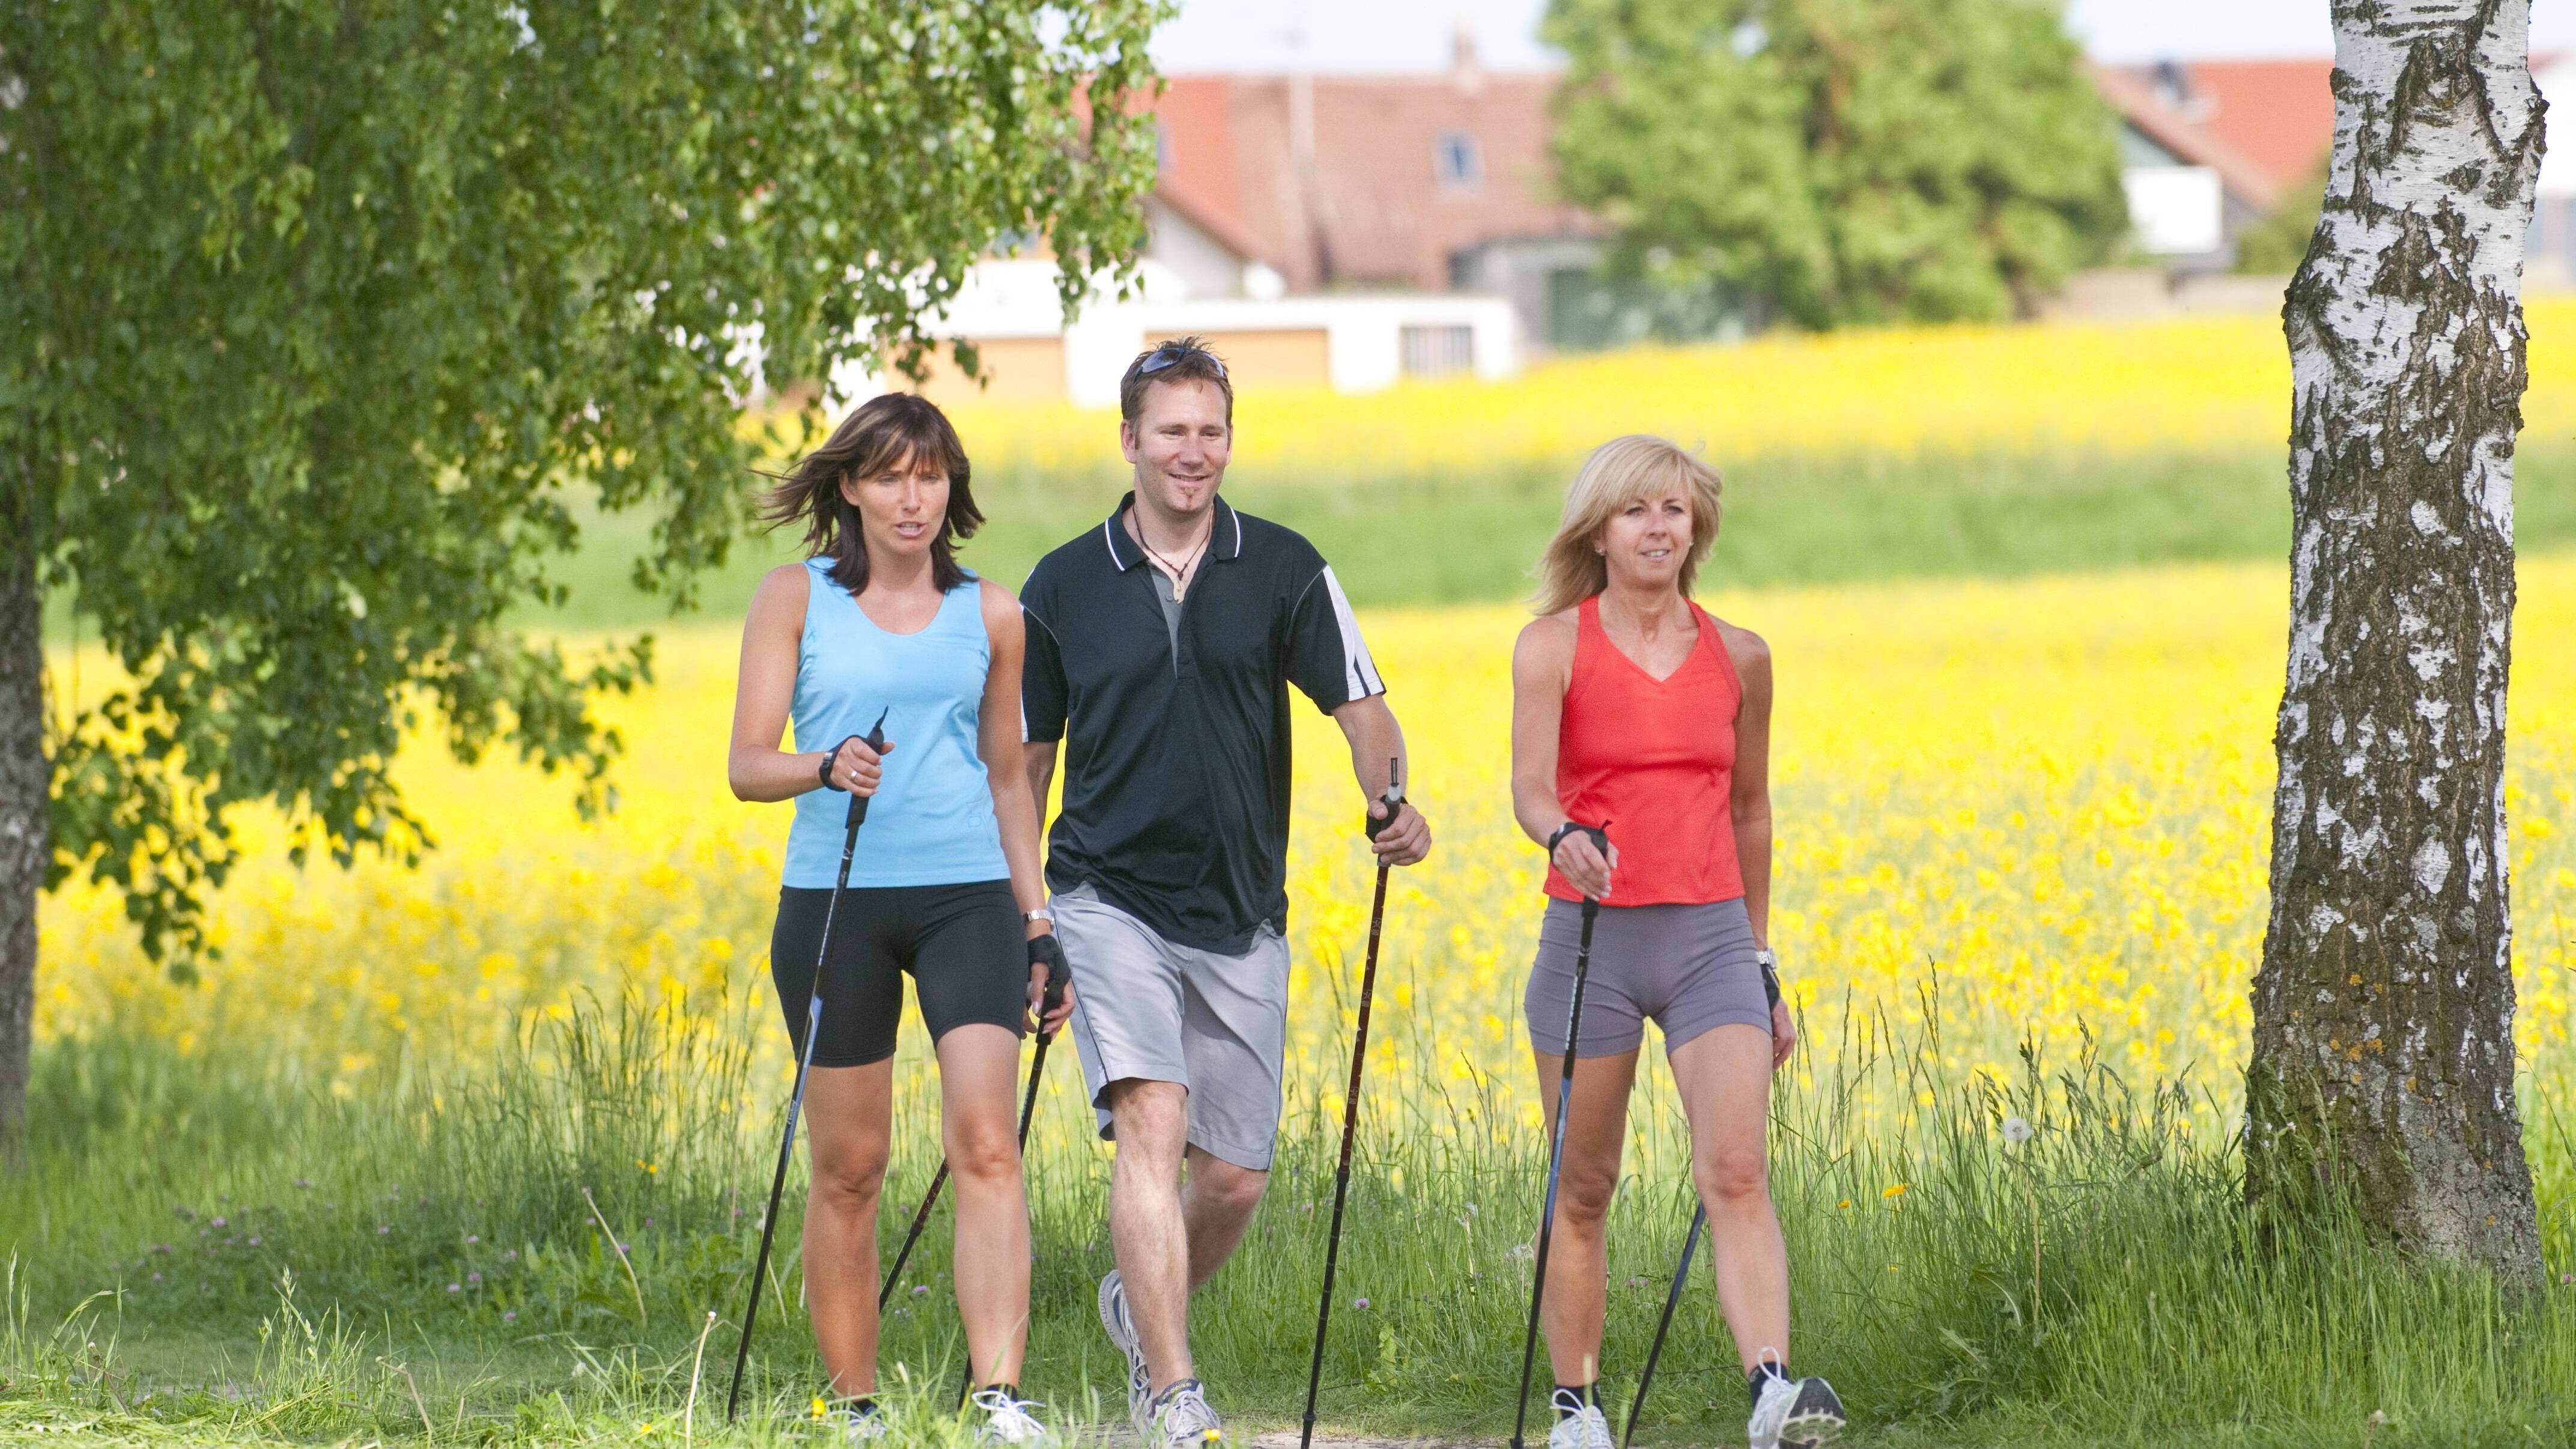 Abnehmen mit Nordic Walking: So gehen Sie sich schlank